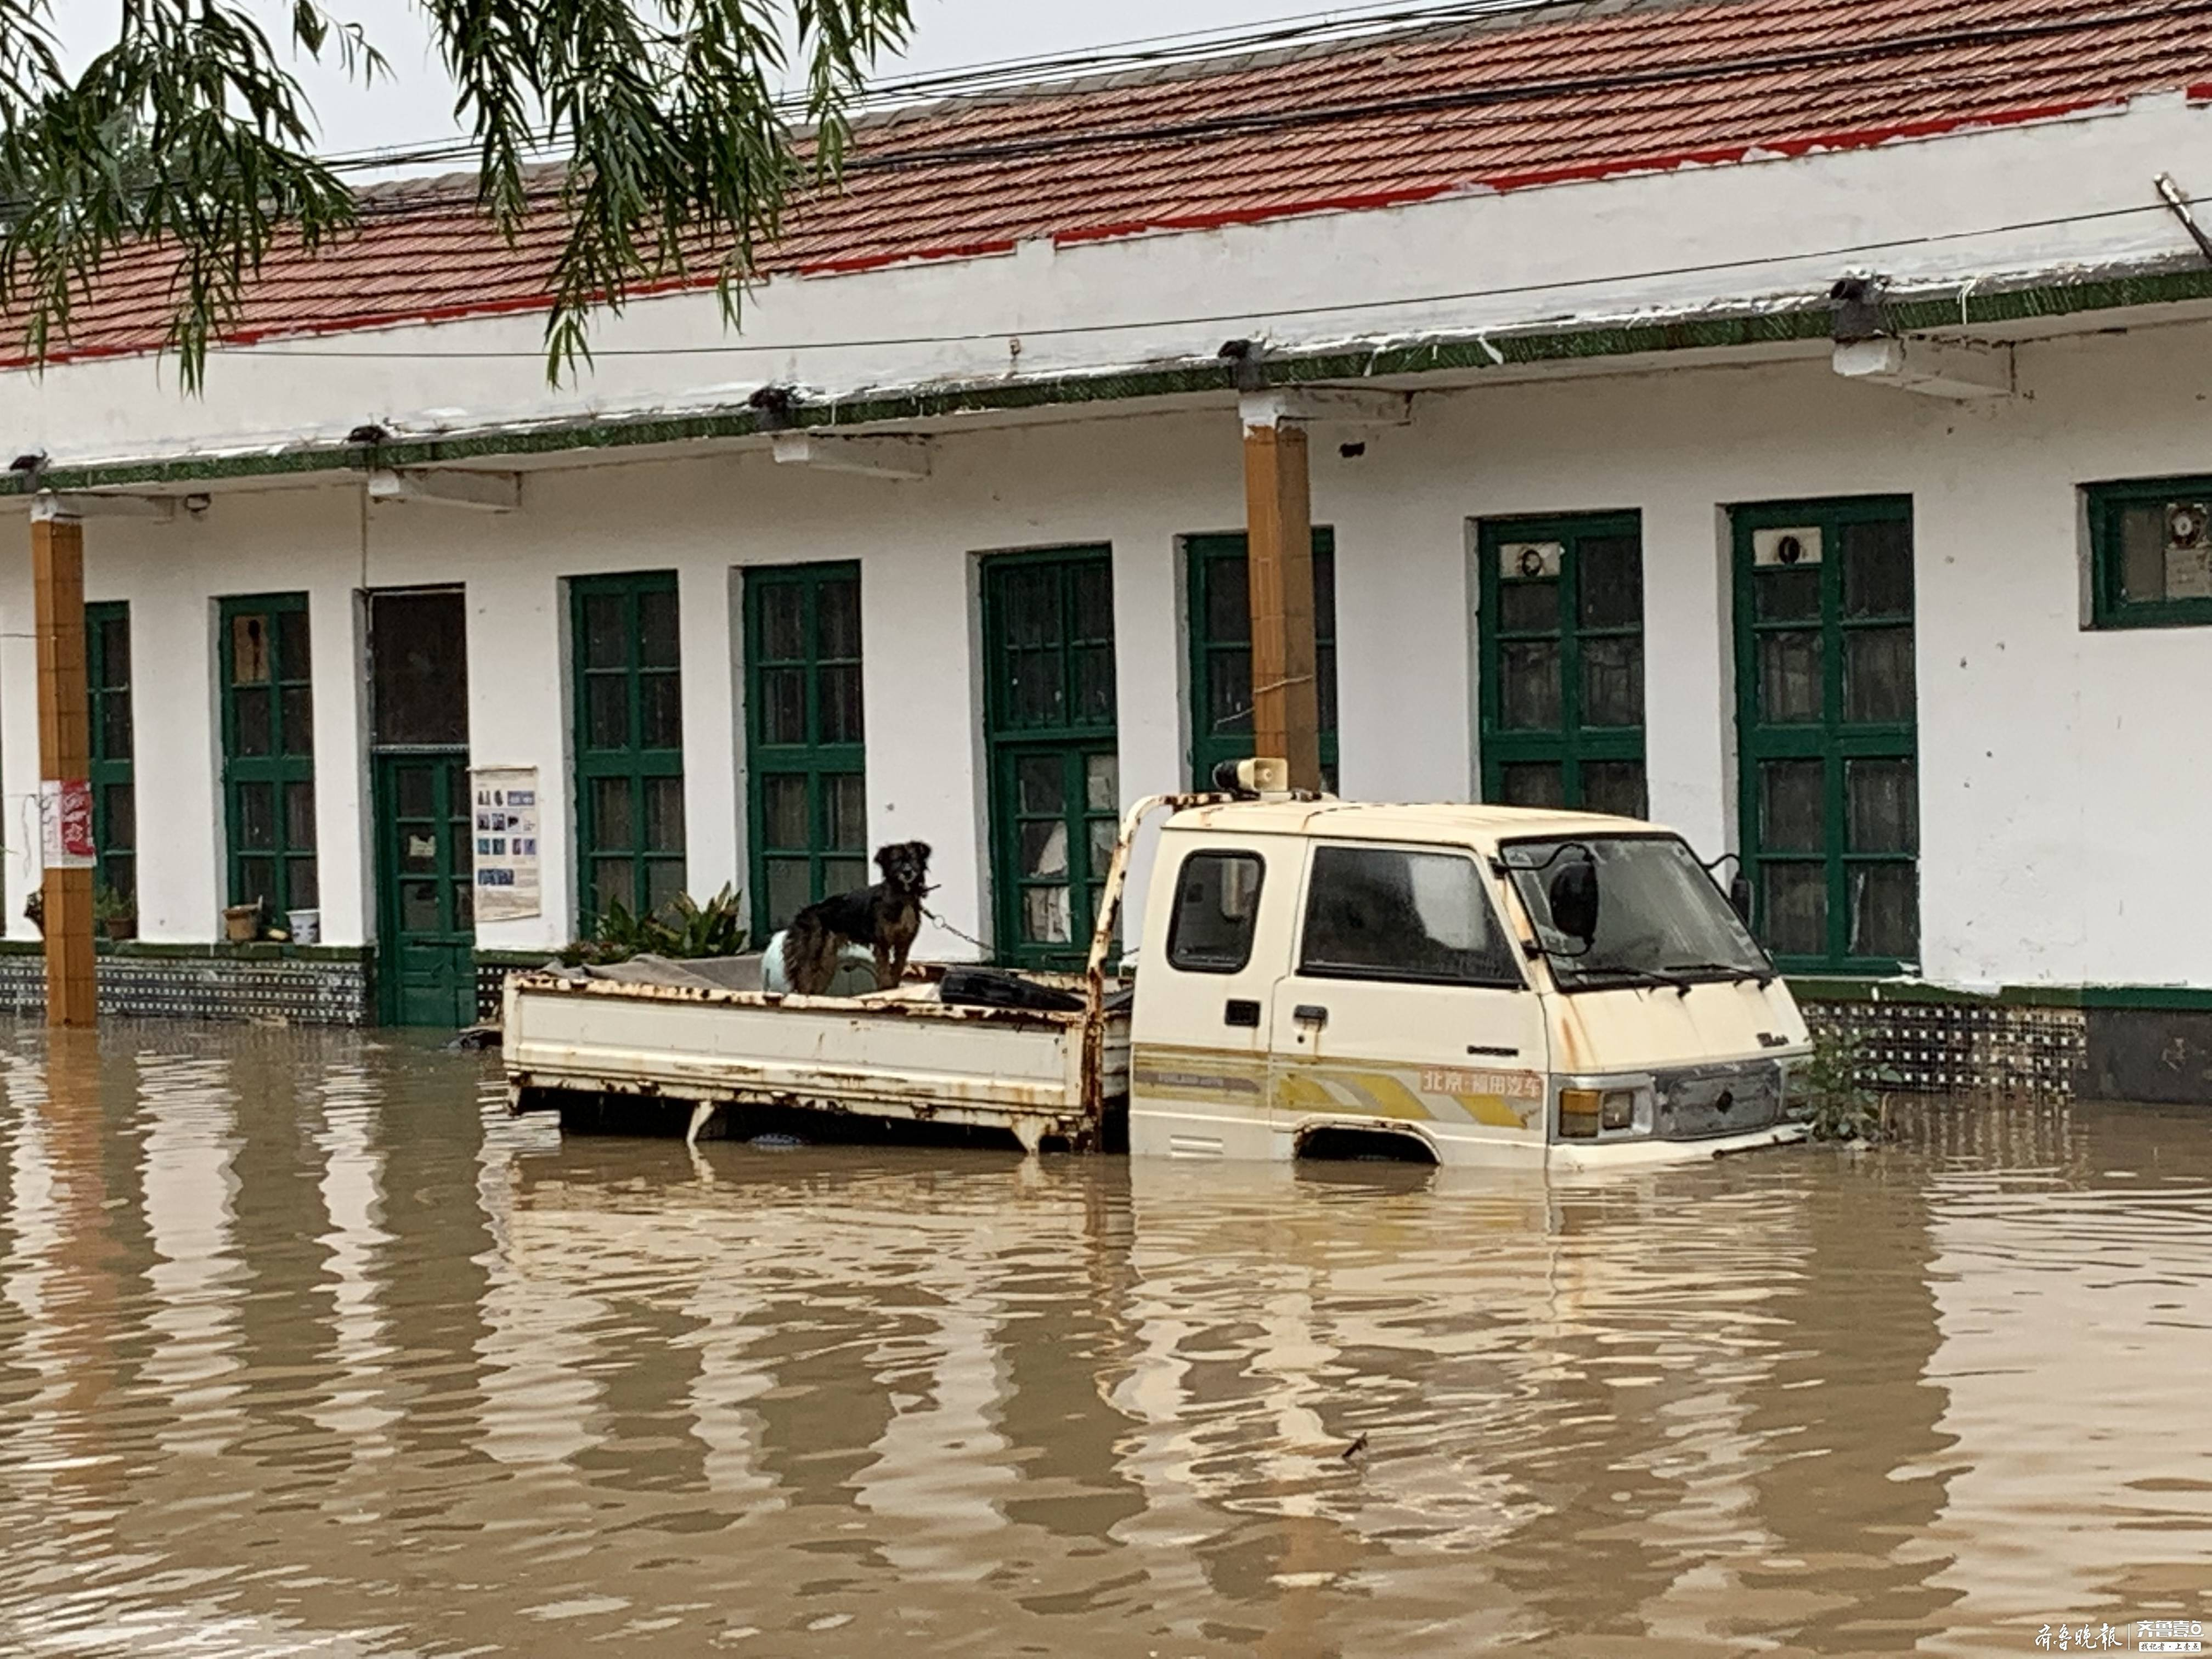 记者实地探访寿光营里镇:积水逐渐退去,有村民开始回家整理物品